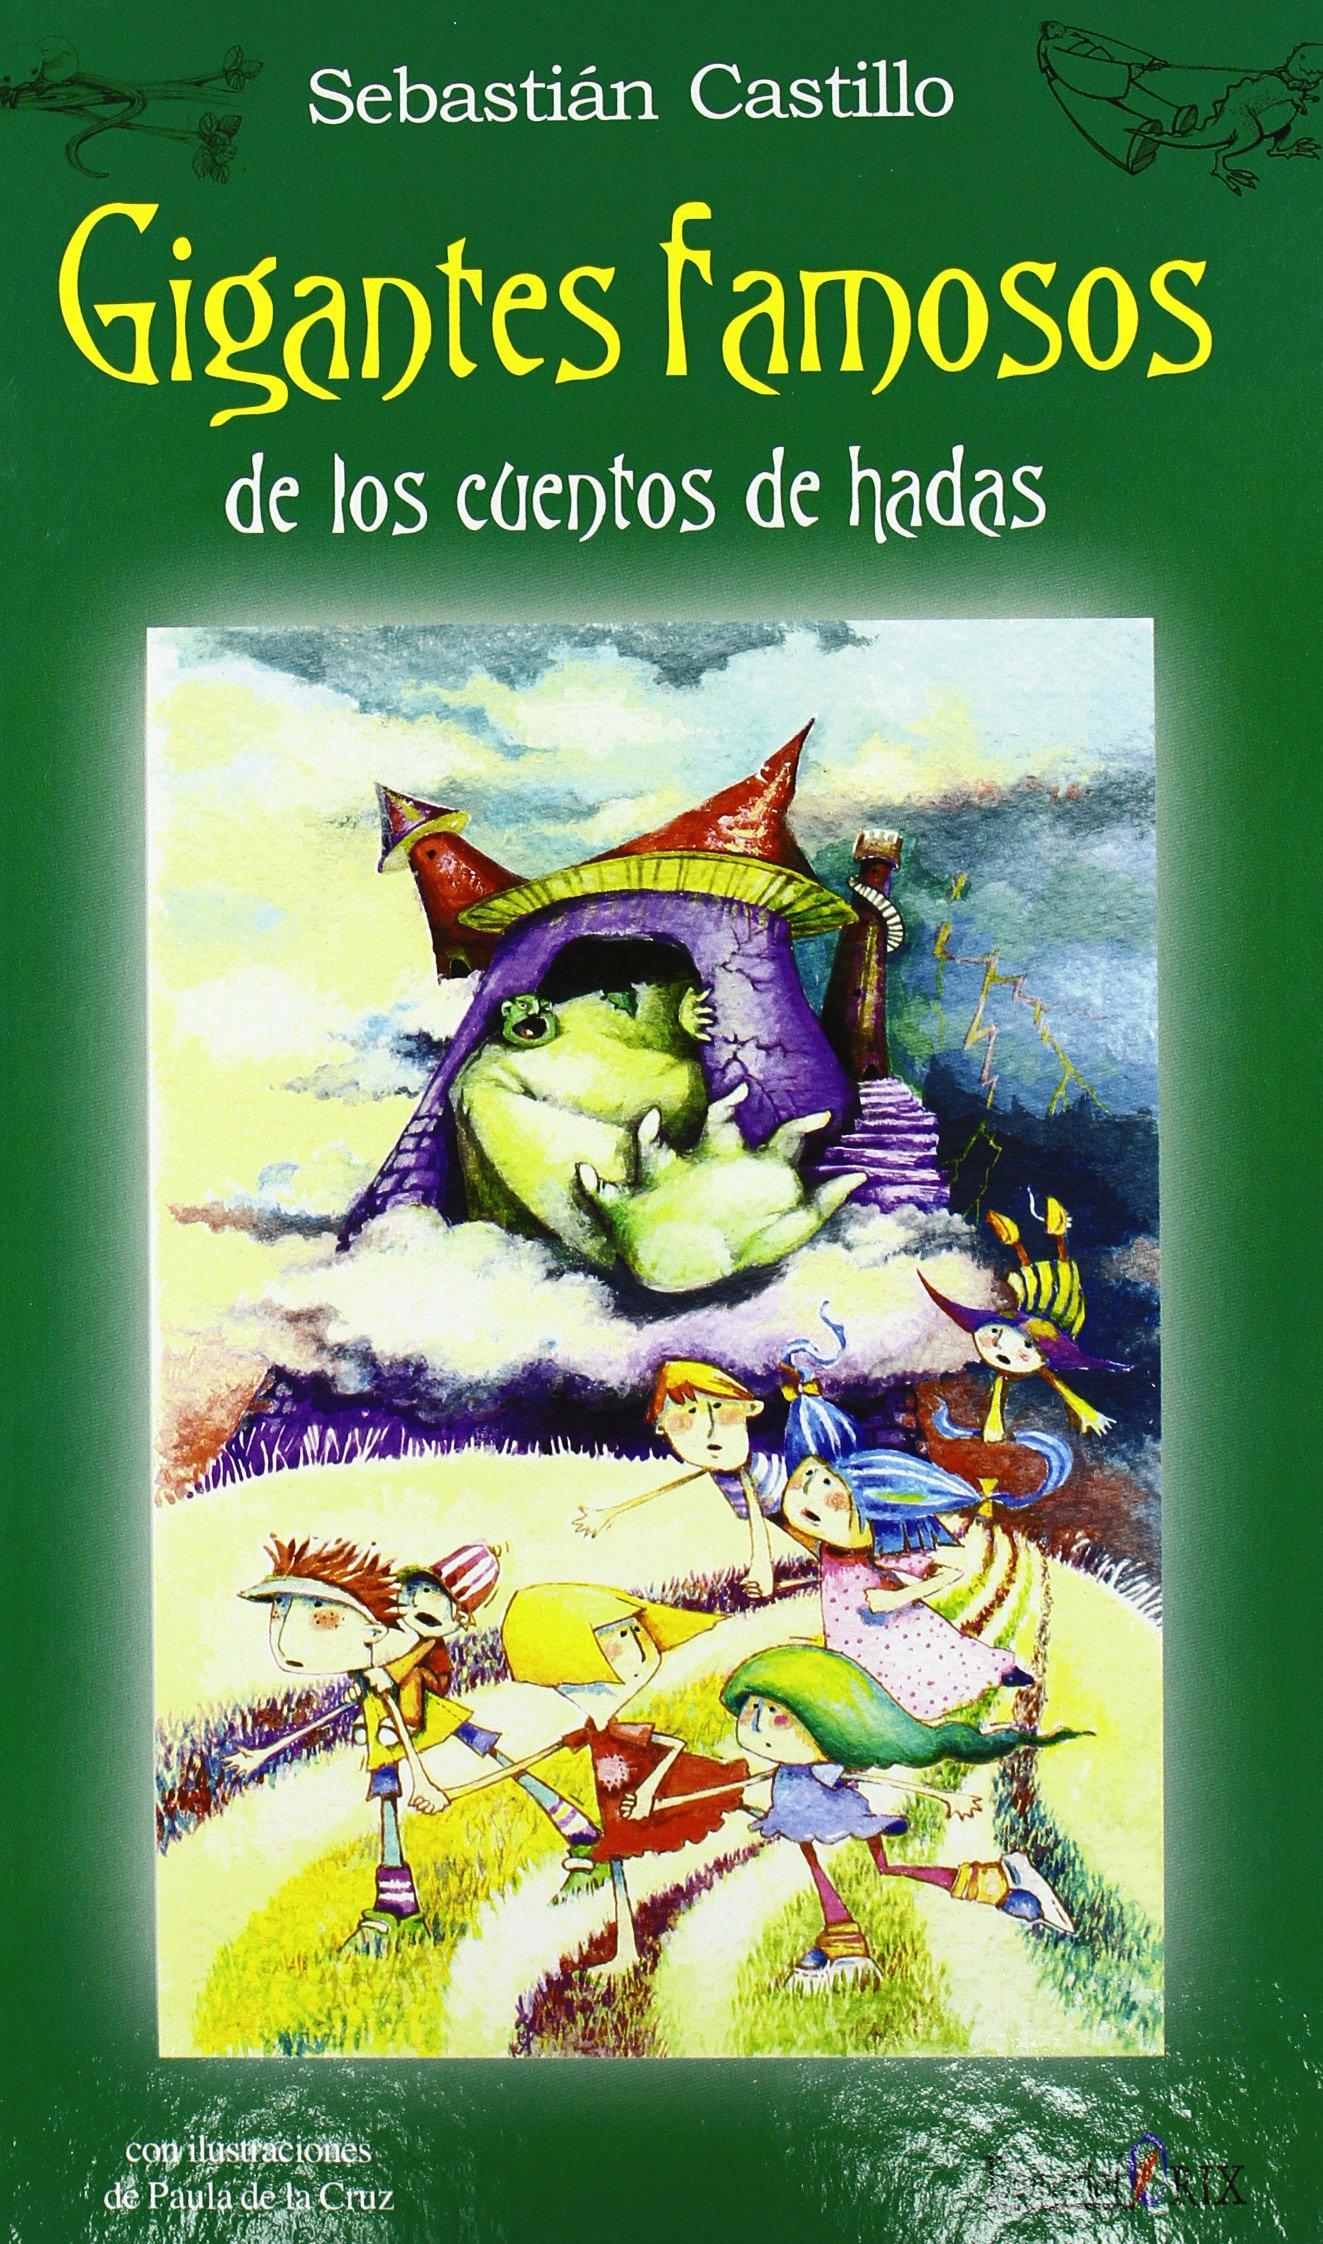 Gigantes Famosos De Los Cuentos De Hadas De Cuentos De Hadas: Amazon.es: Sebastian Castillo: Libros